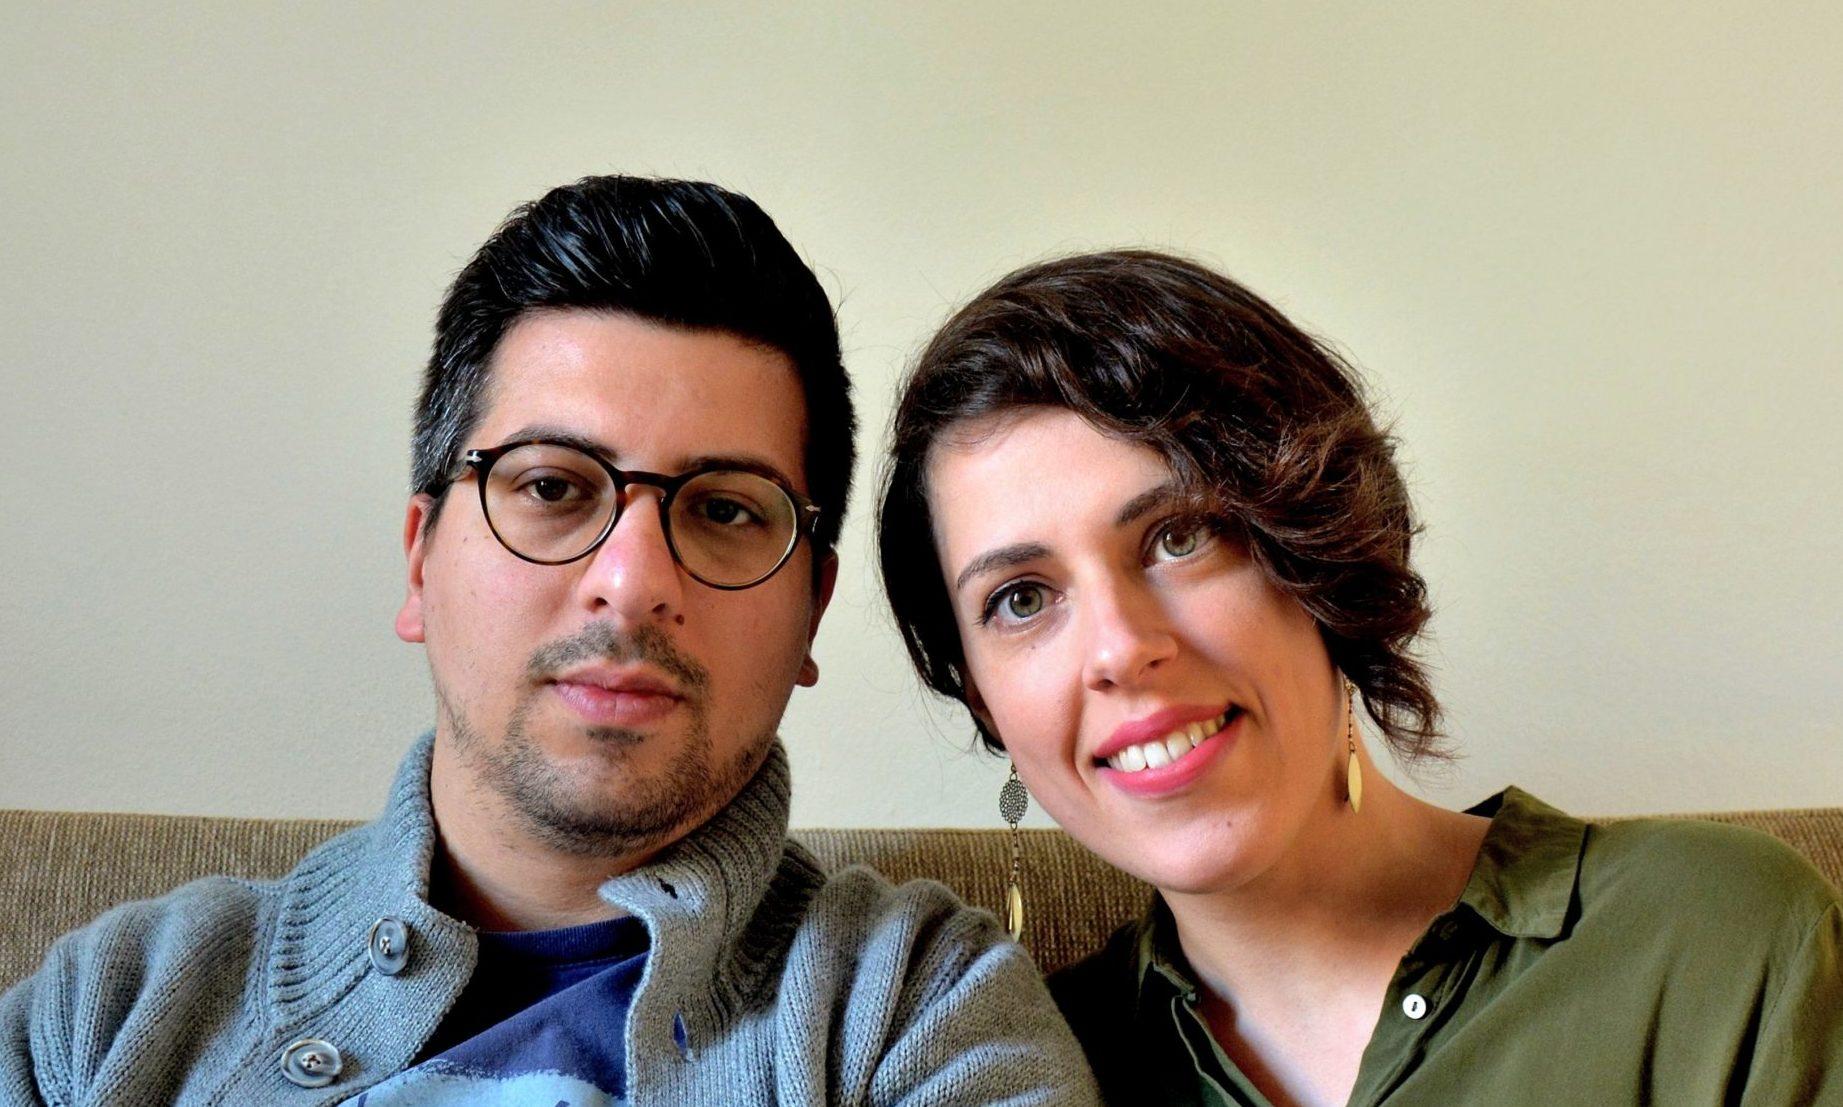 Roberto Parrucci and Claudia Gloazzo.